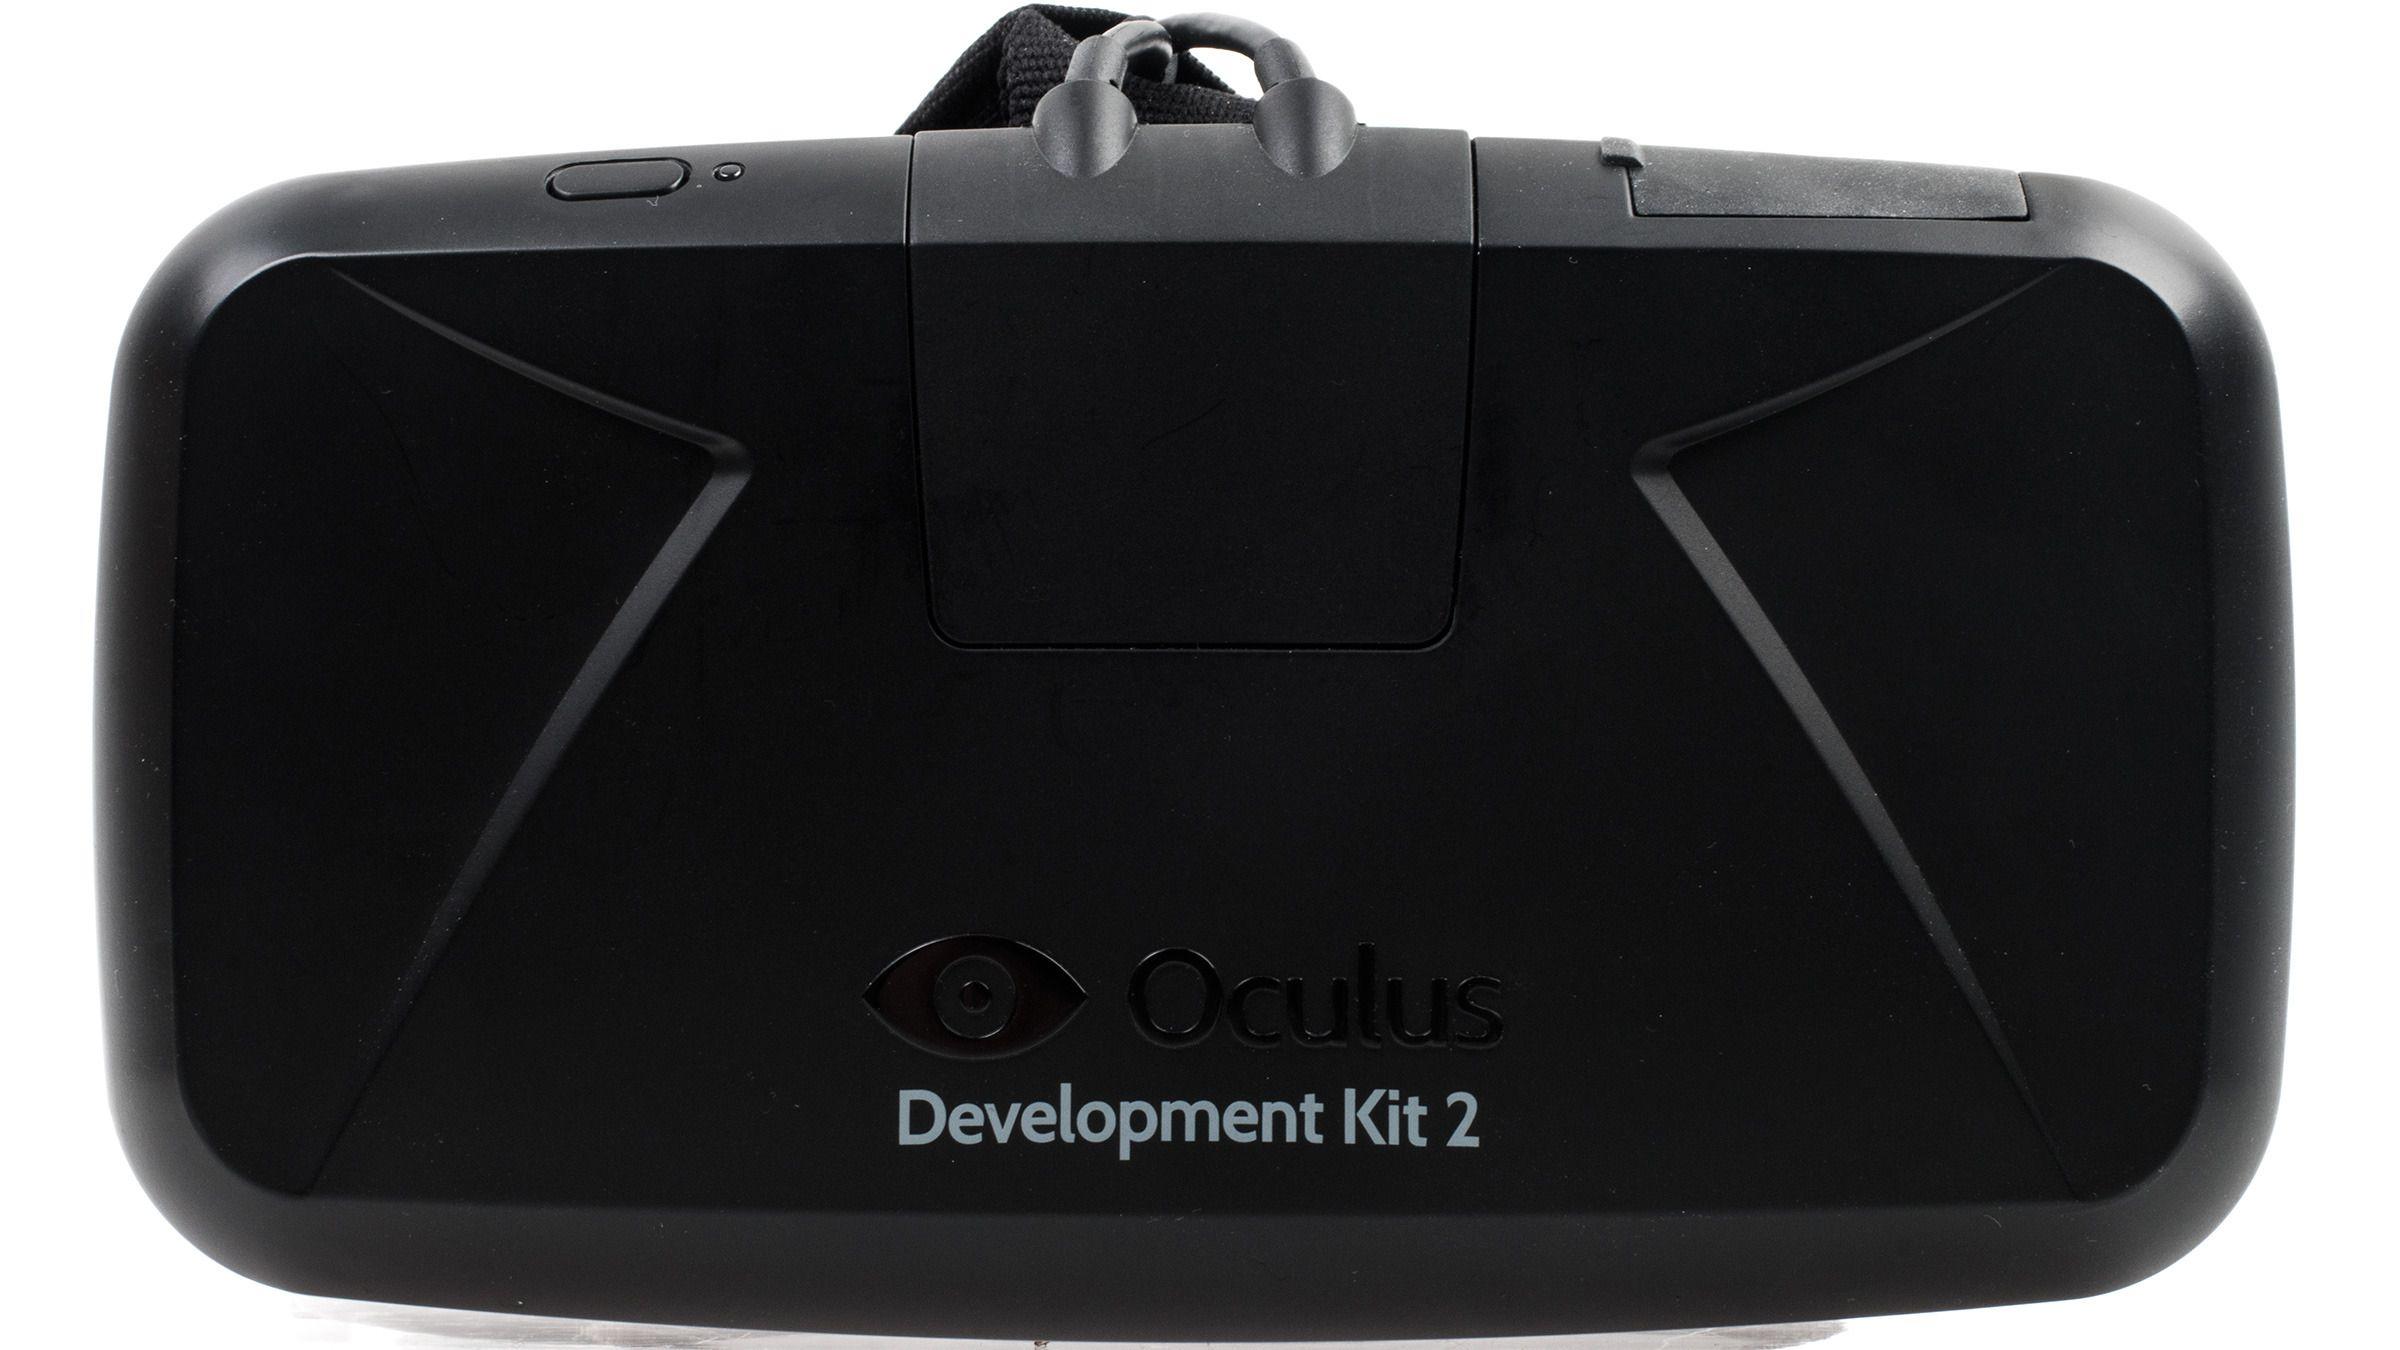 Hovedpersonen selv: Oculus Rift DK2.Foto: Varg Aamo, Tek.no